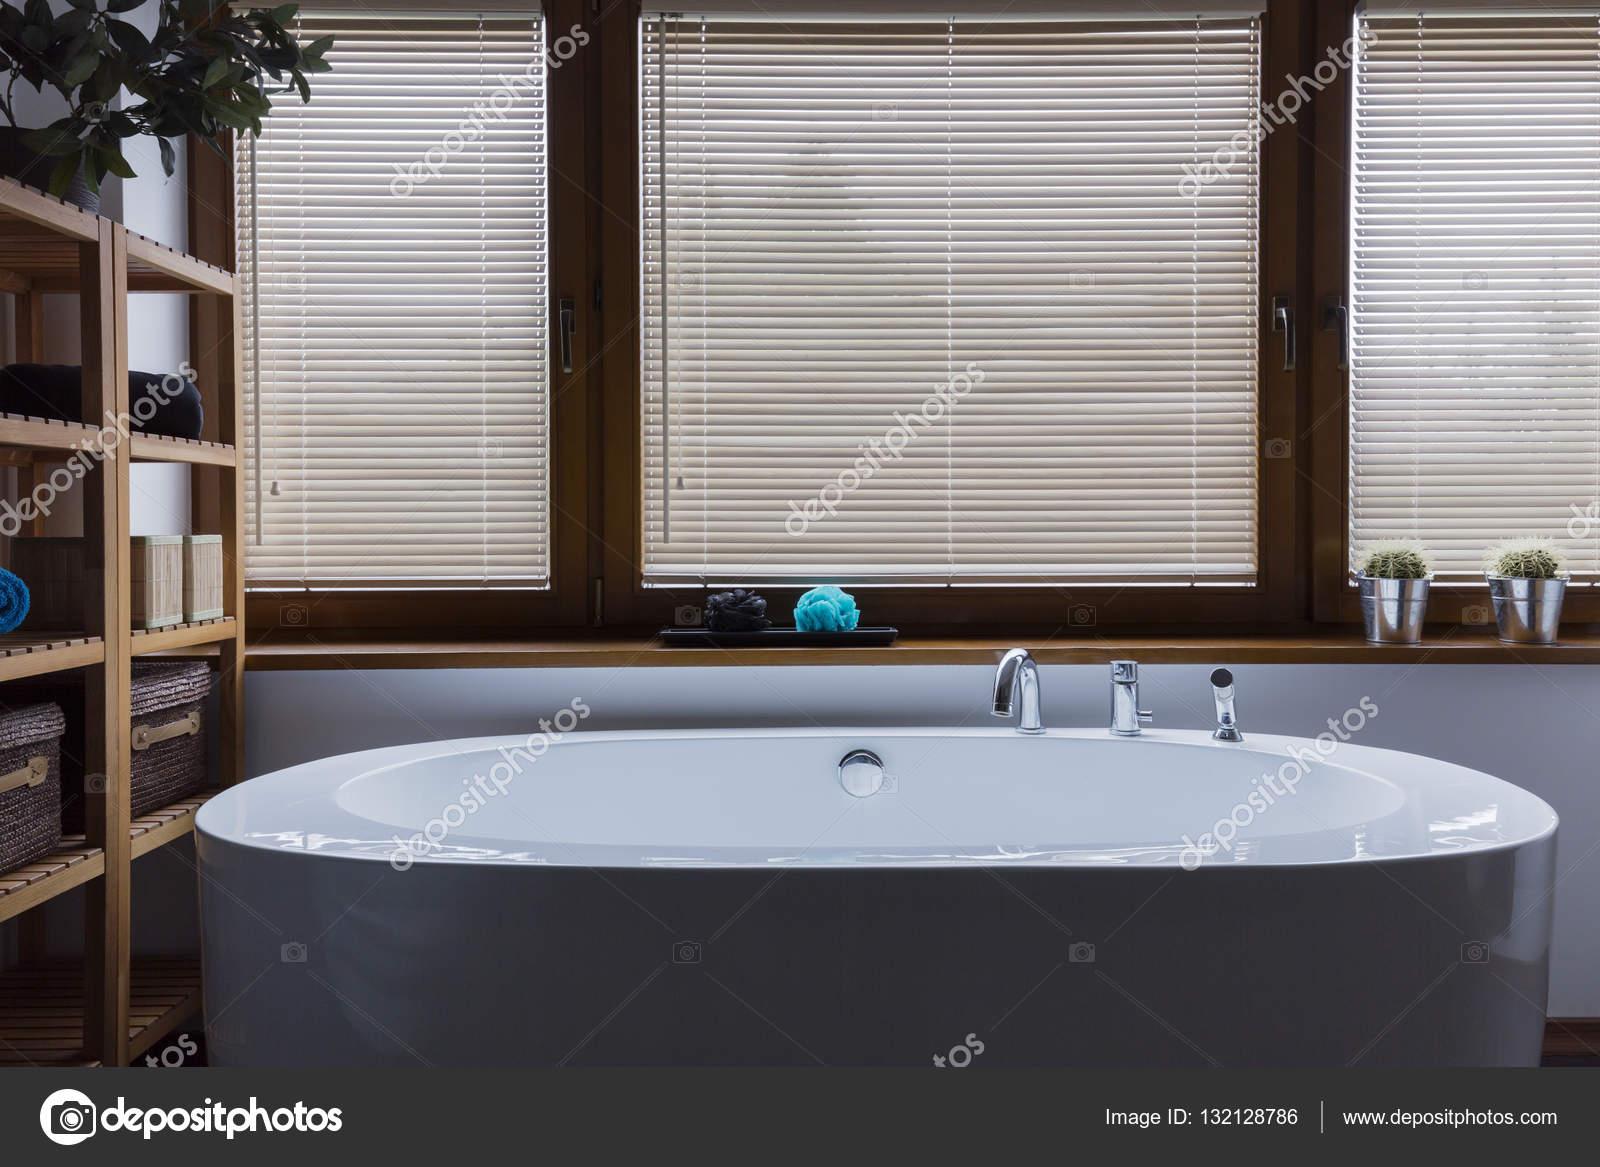 salle de bain dtente ombrag depuis les soucis de la journe photo